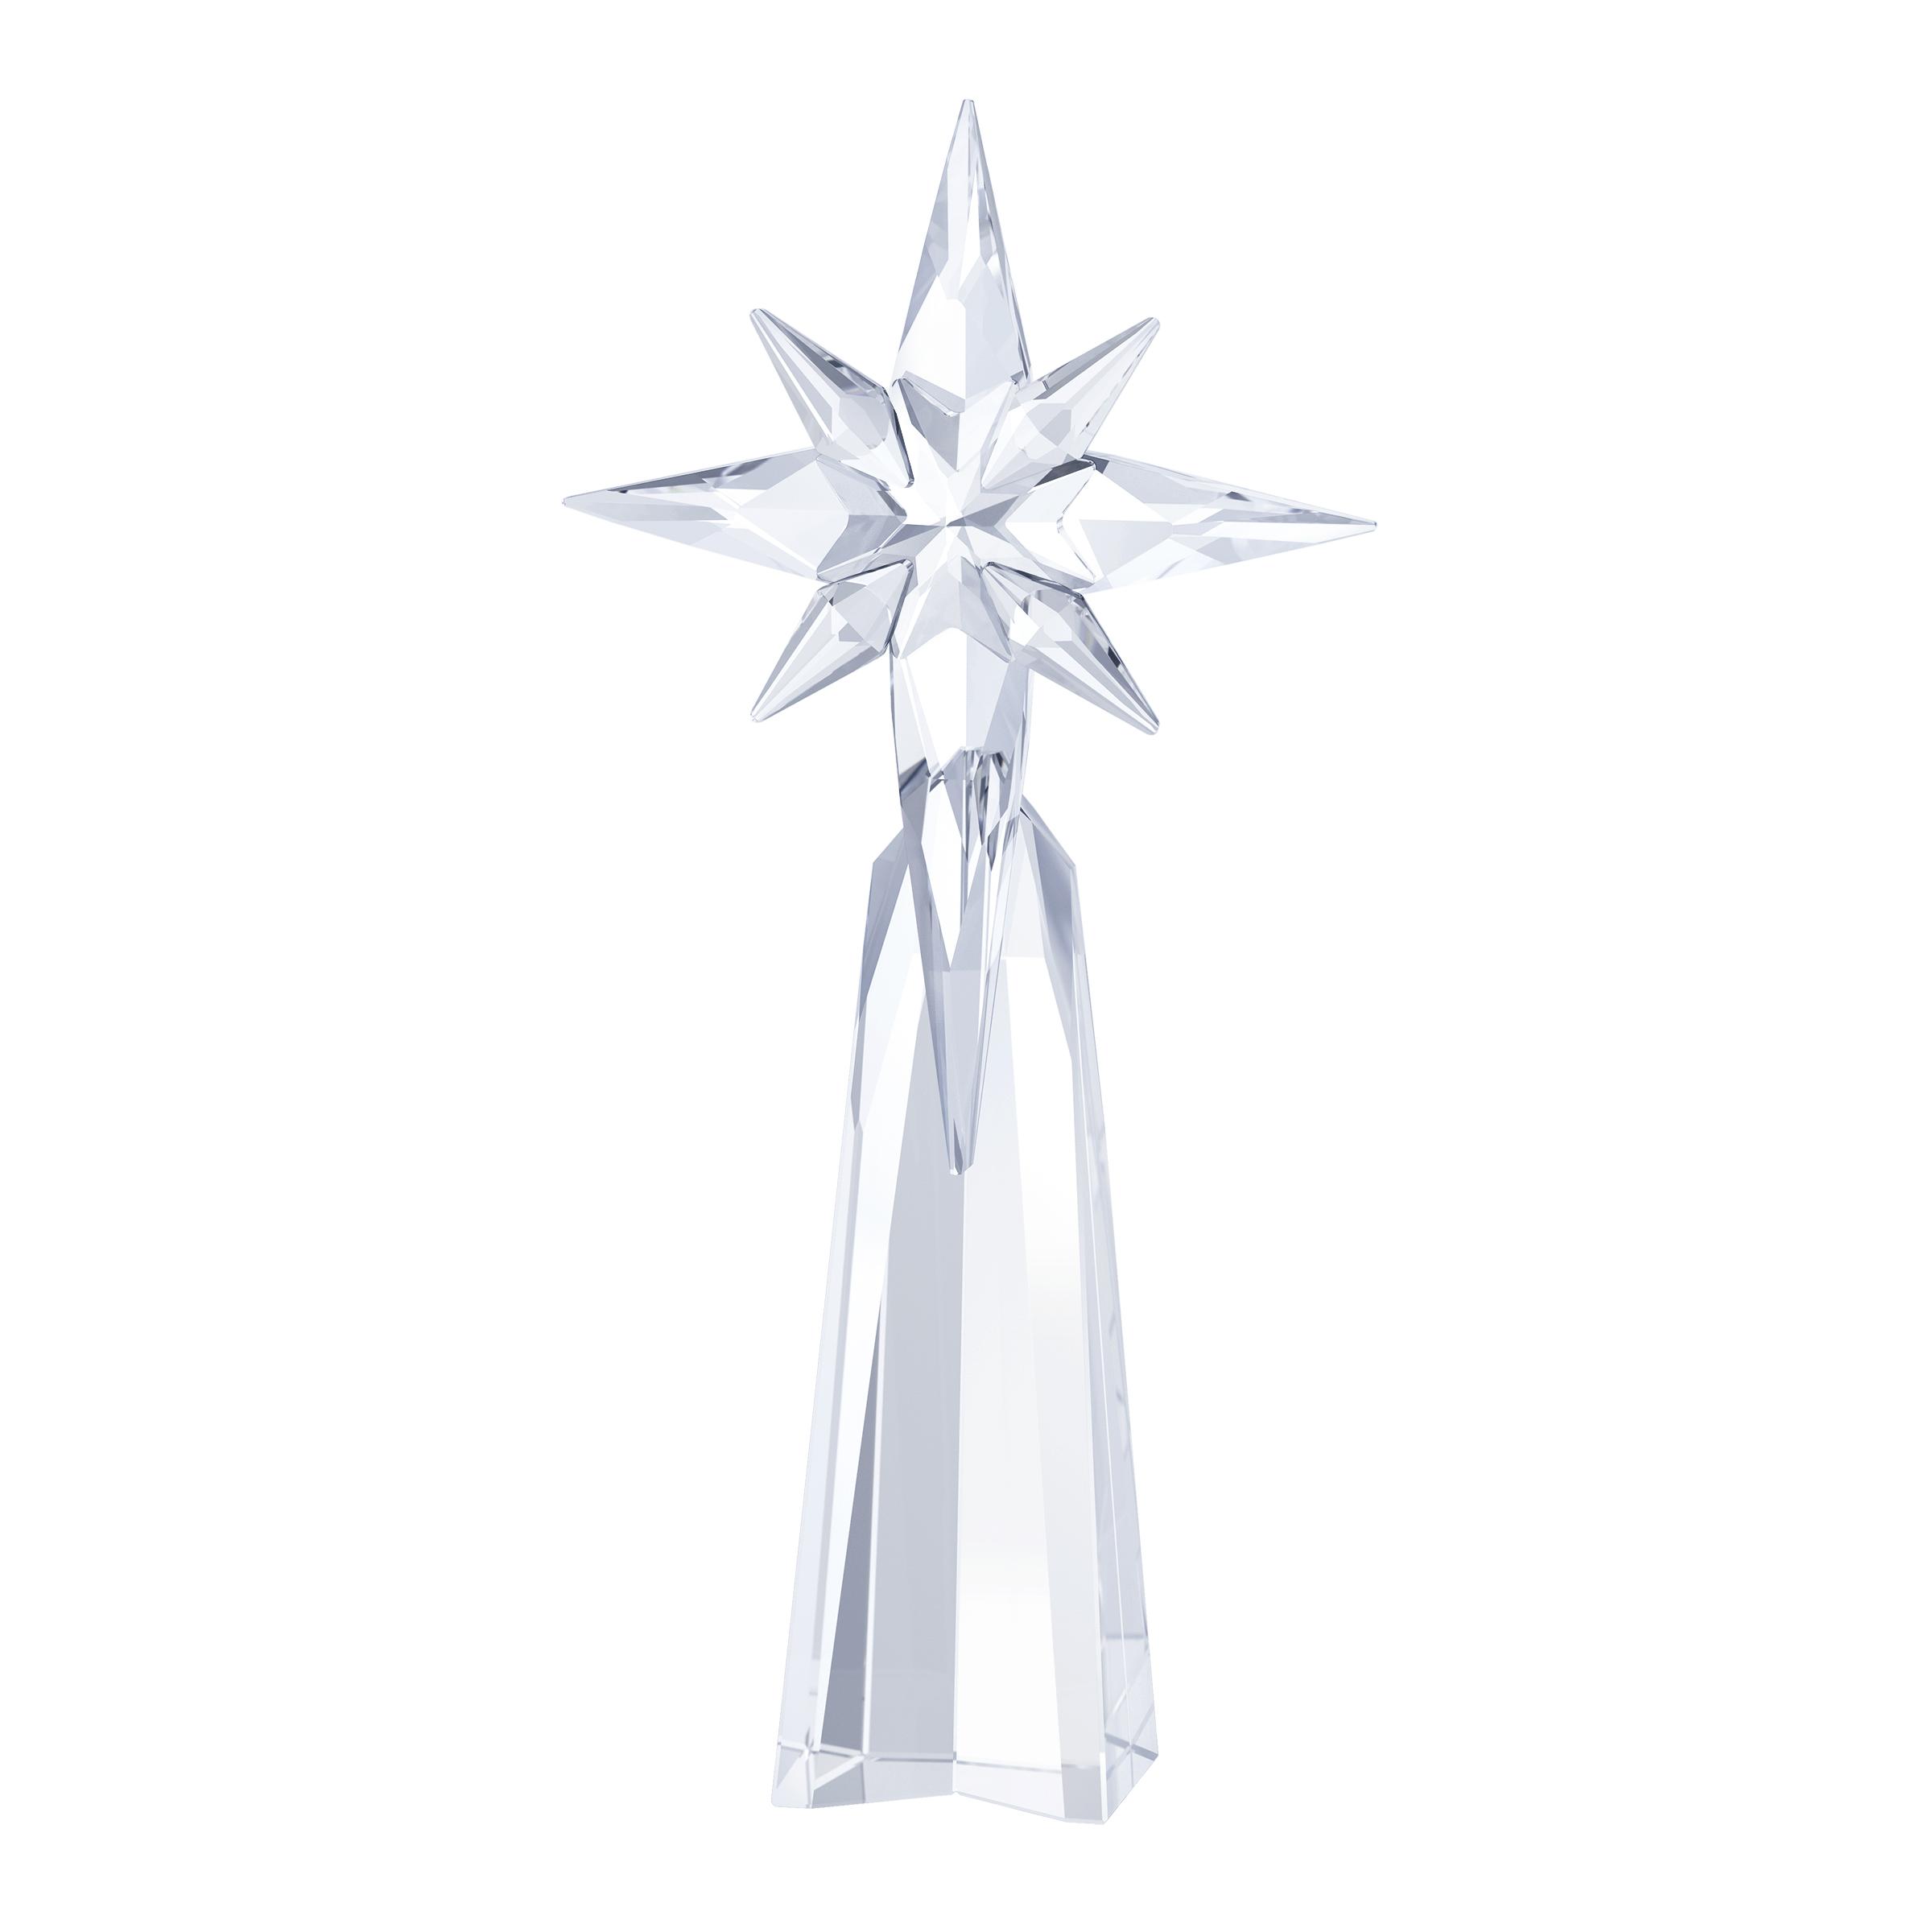 Nativity Scene - Star